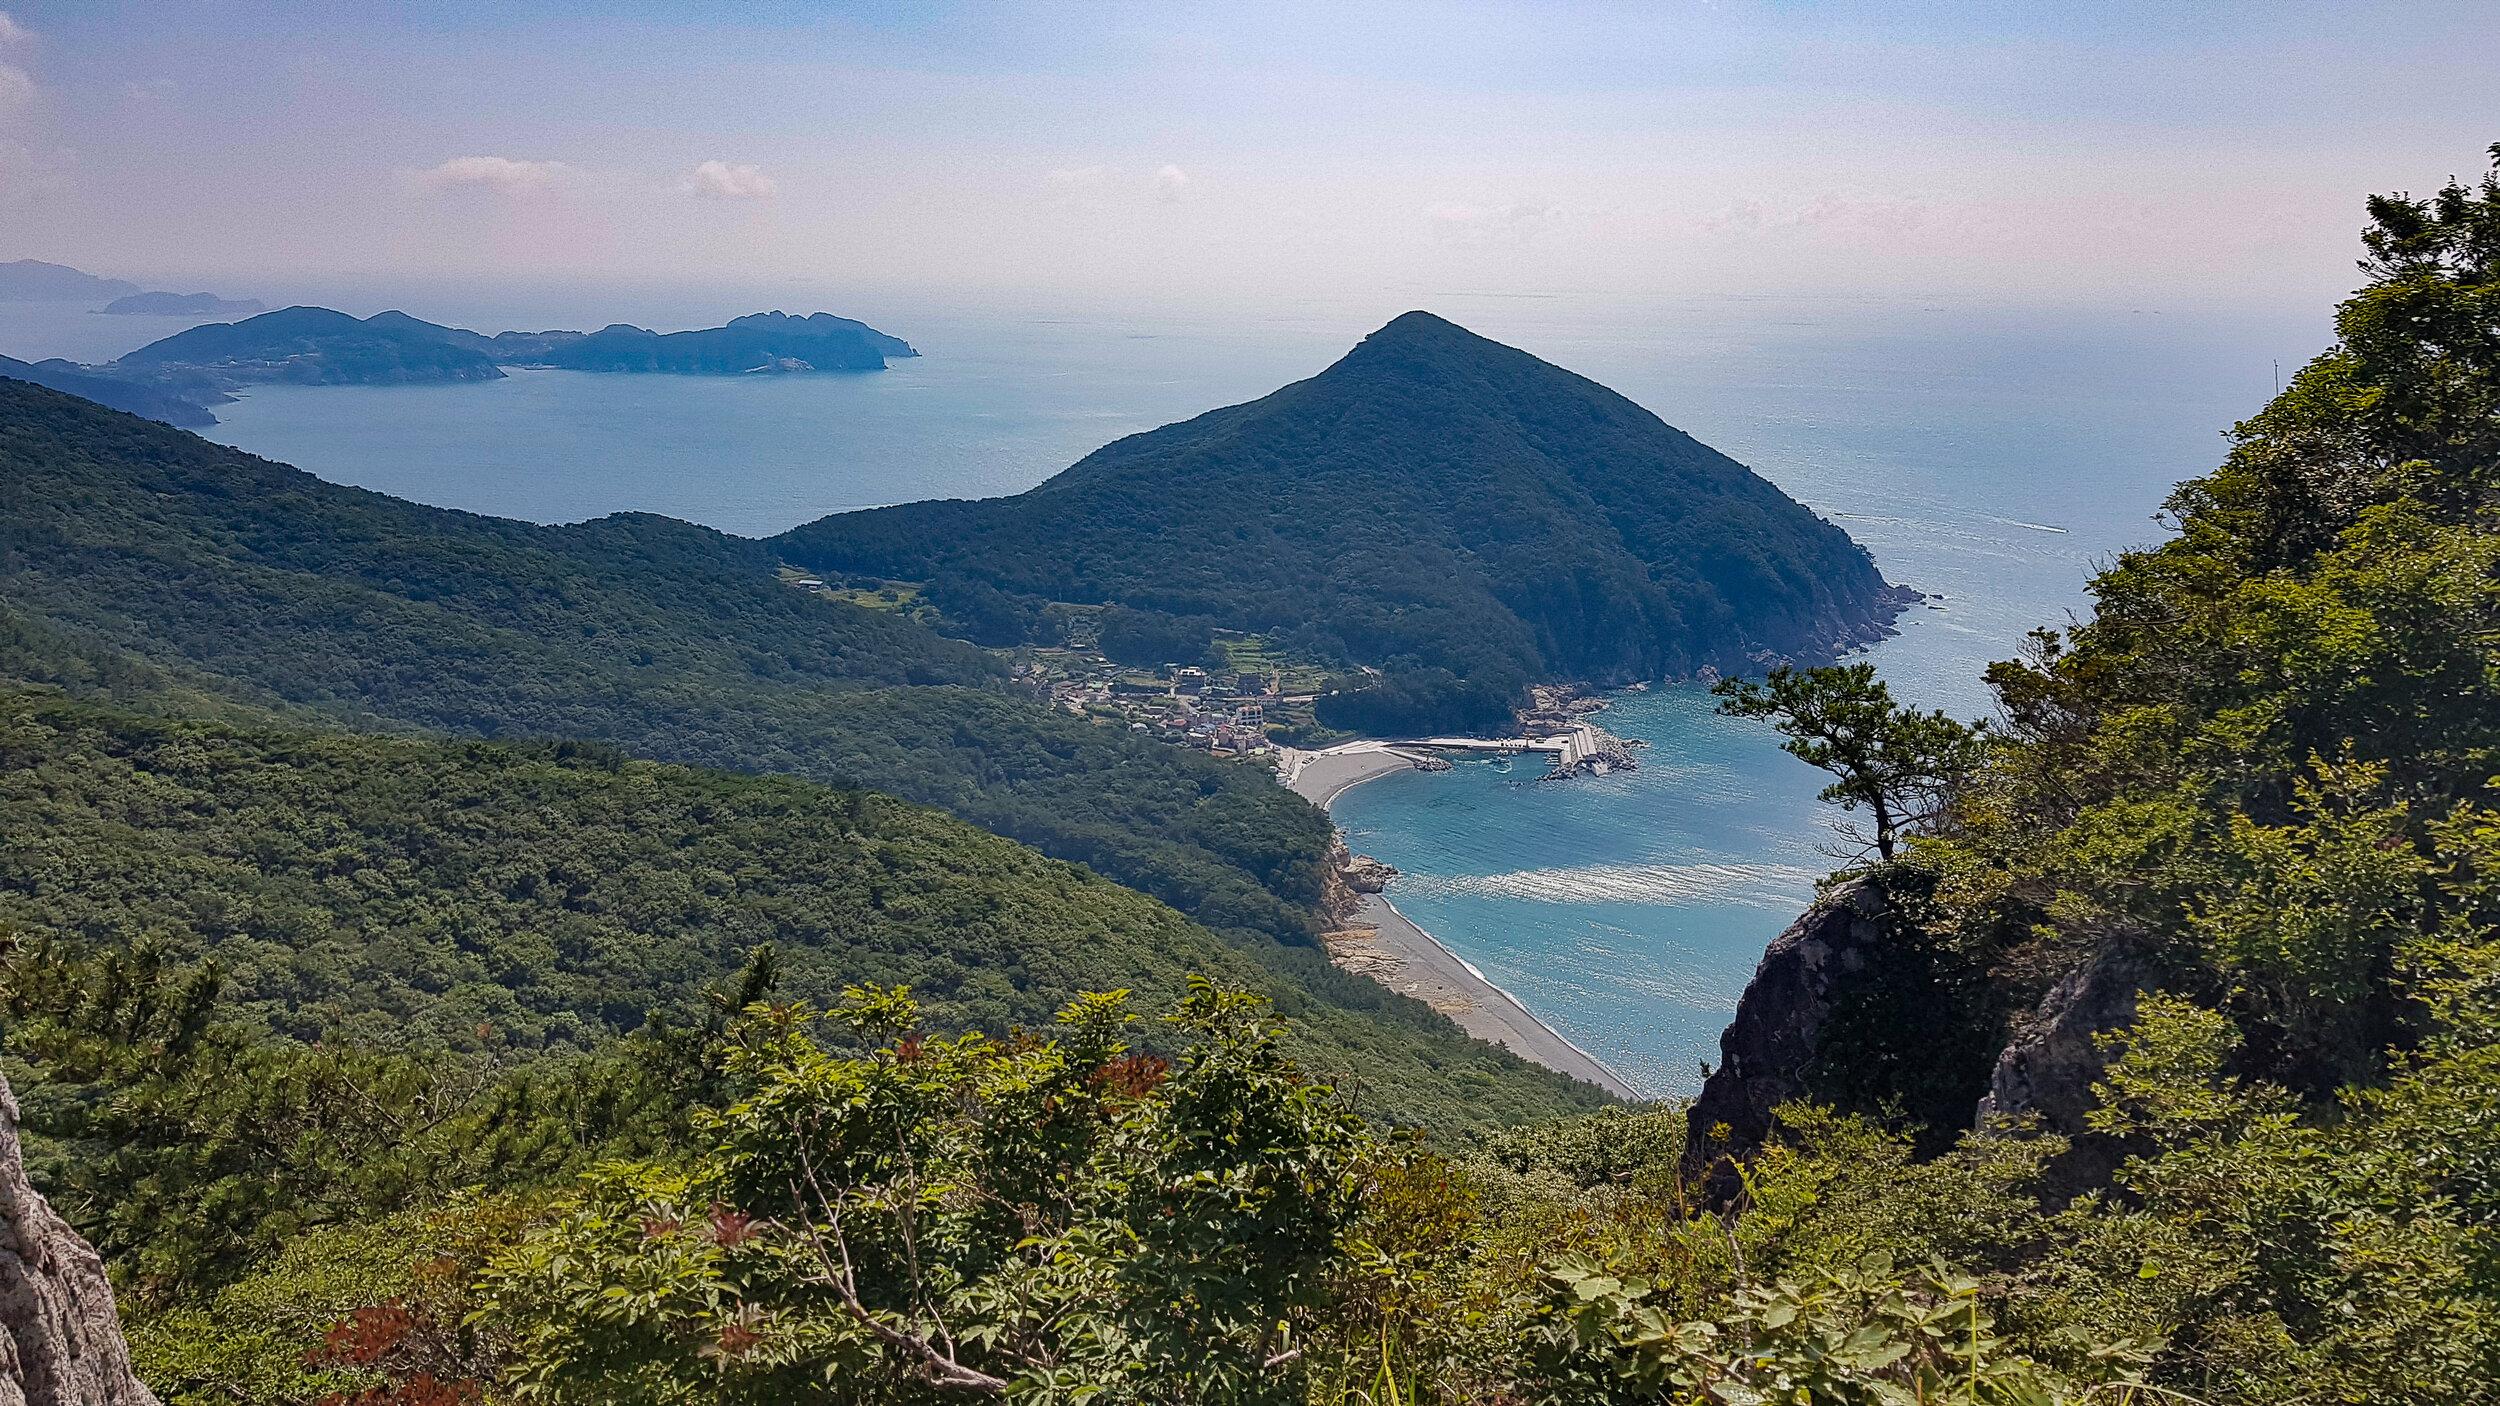 Cheonjangsan, as seen from Mangsan.